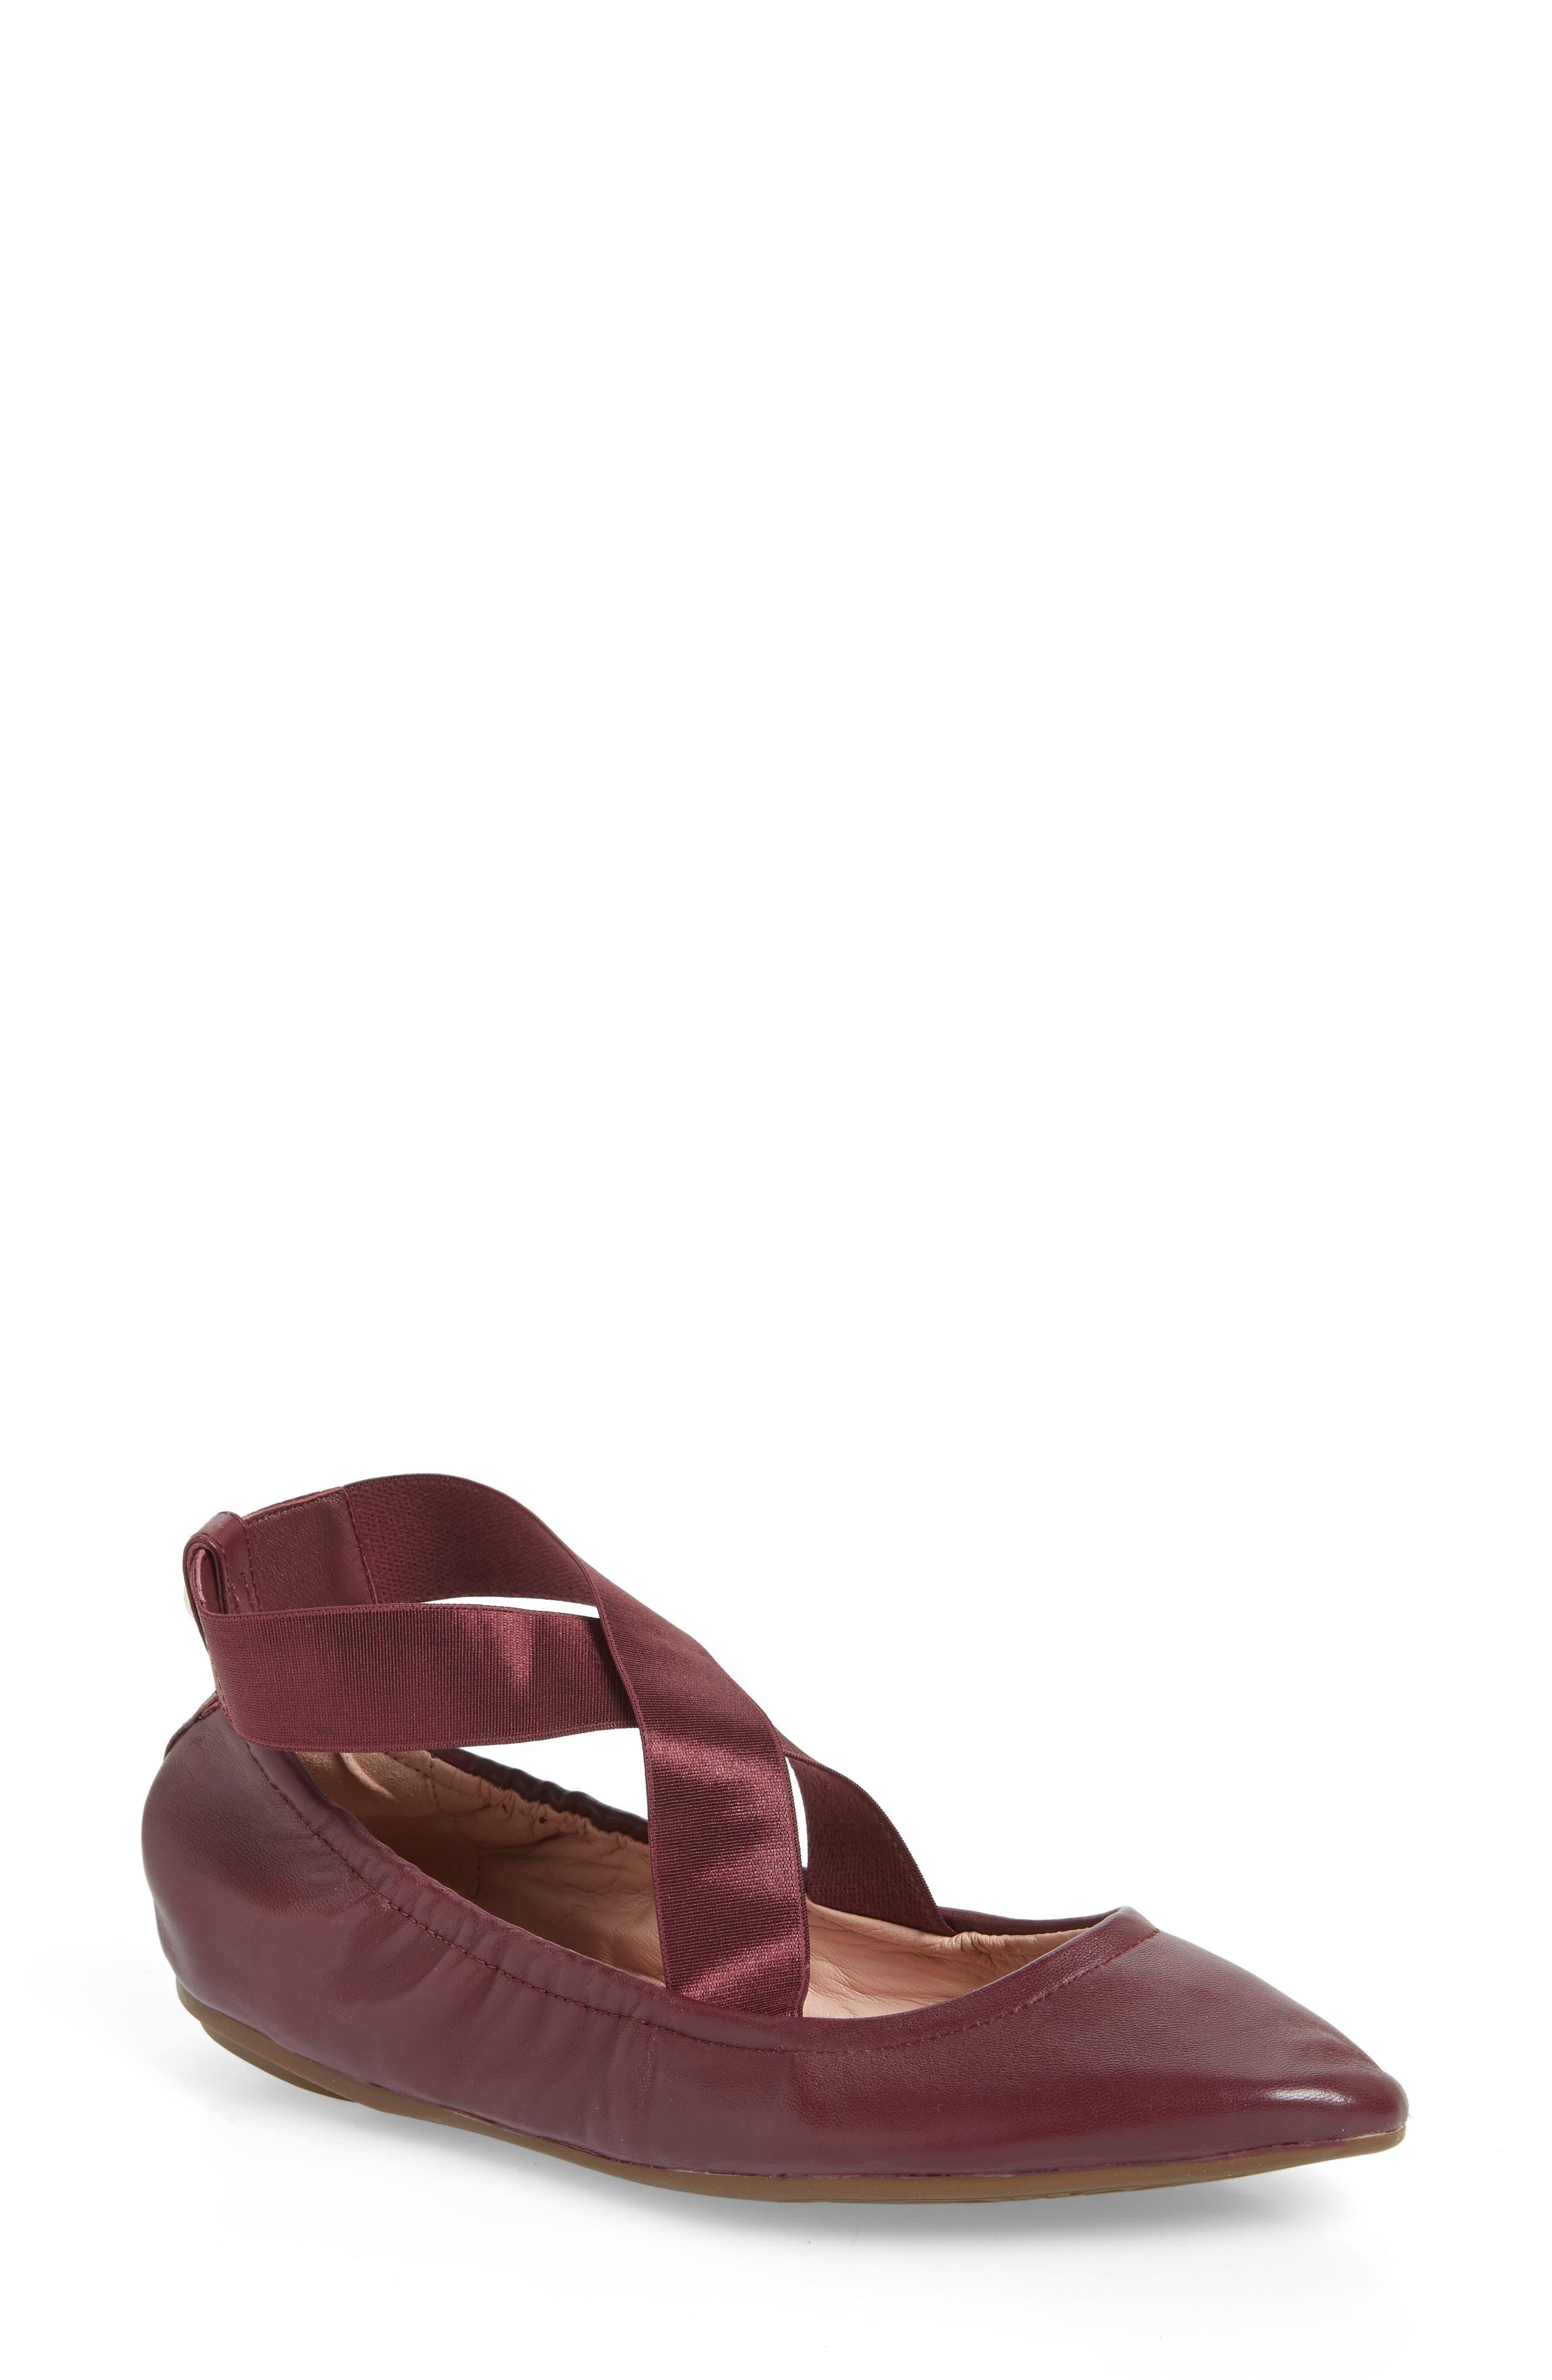 Taryn Rose Edina Strappy Ballet Flat, Burgundy